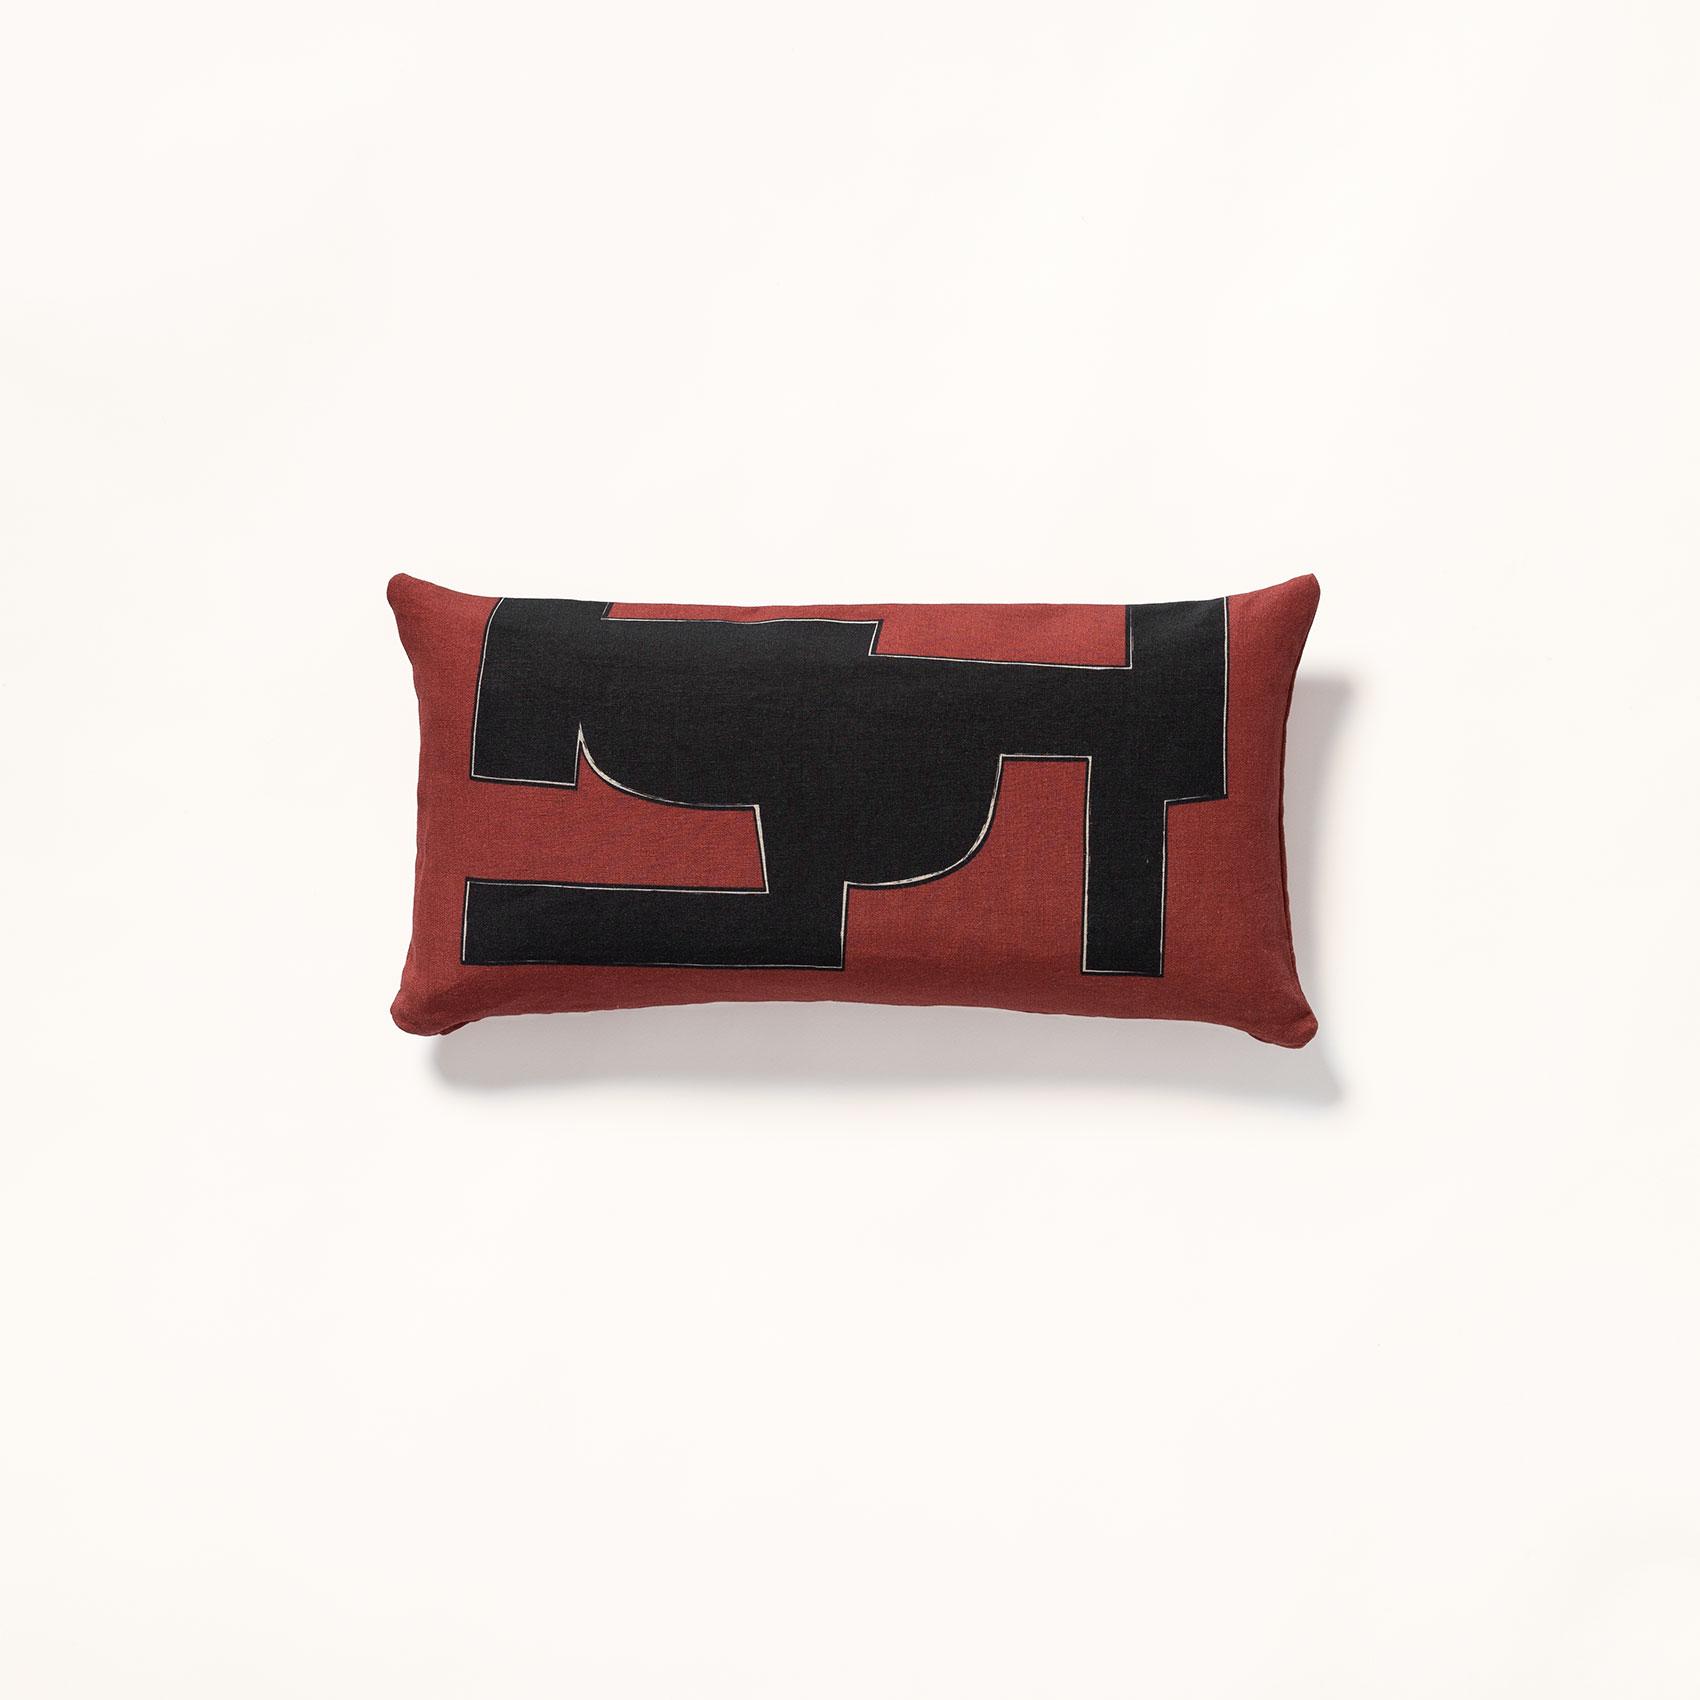 décoration minimaliste • jacques • housse de coussin terracotta dÉdale